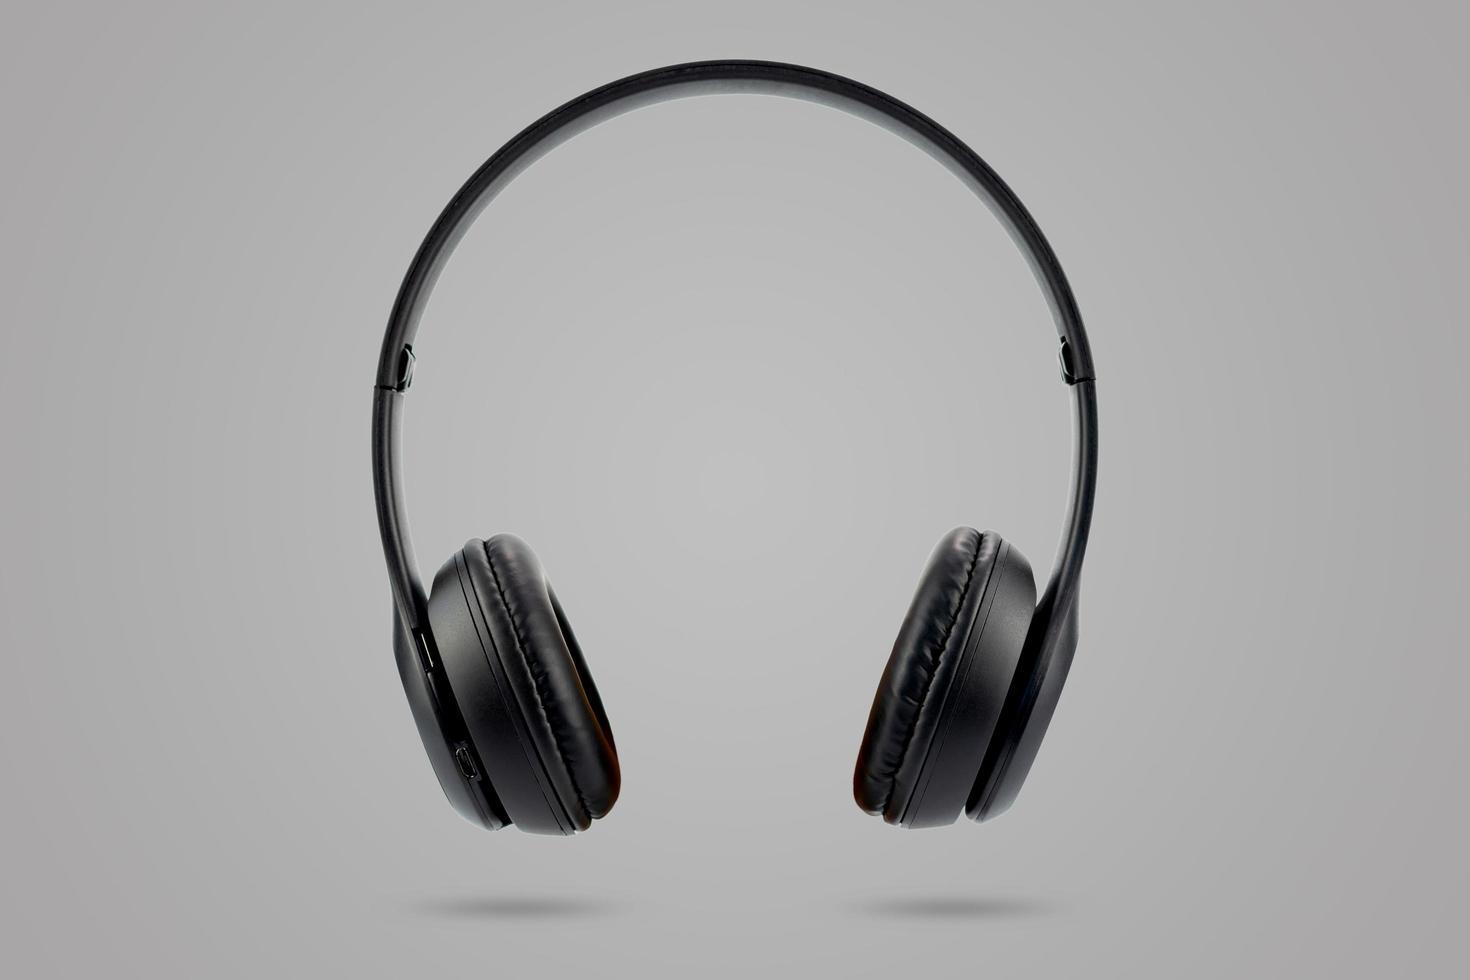 écouteurs sans fil de couleur noire isolés sur fond pastel de couleur grise photo